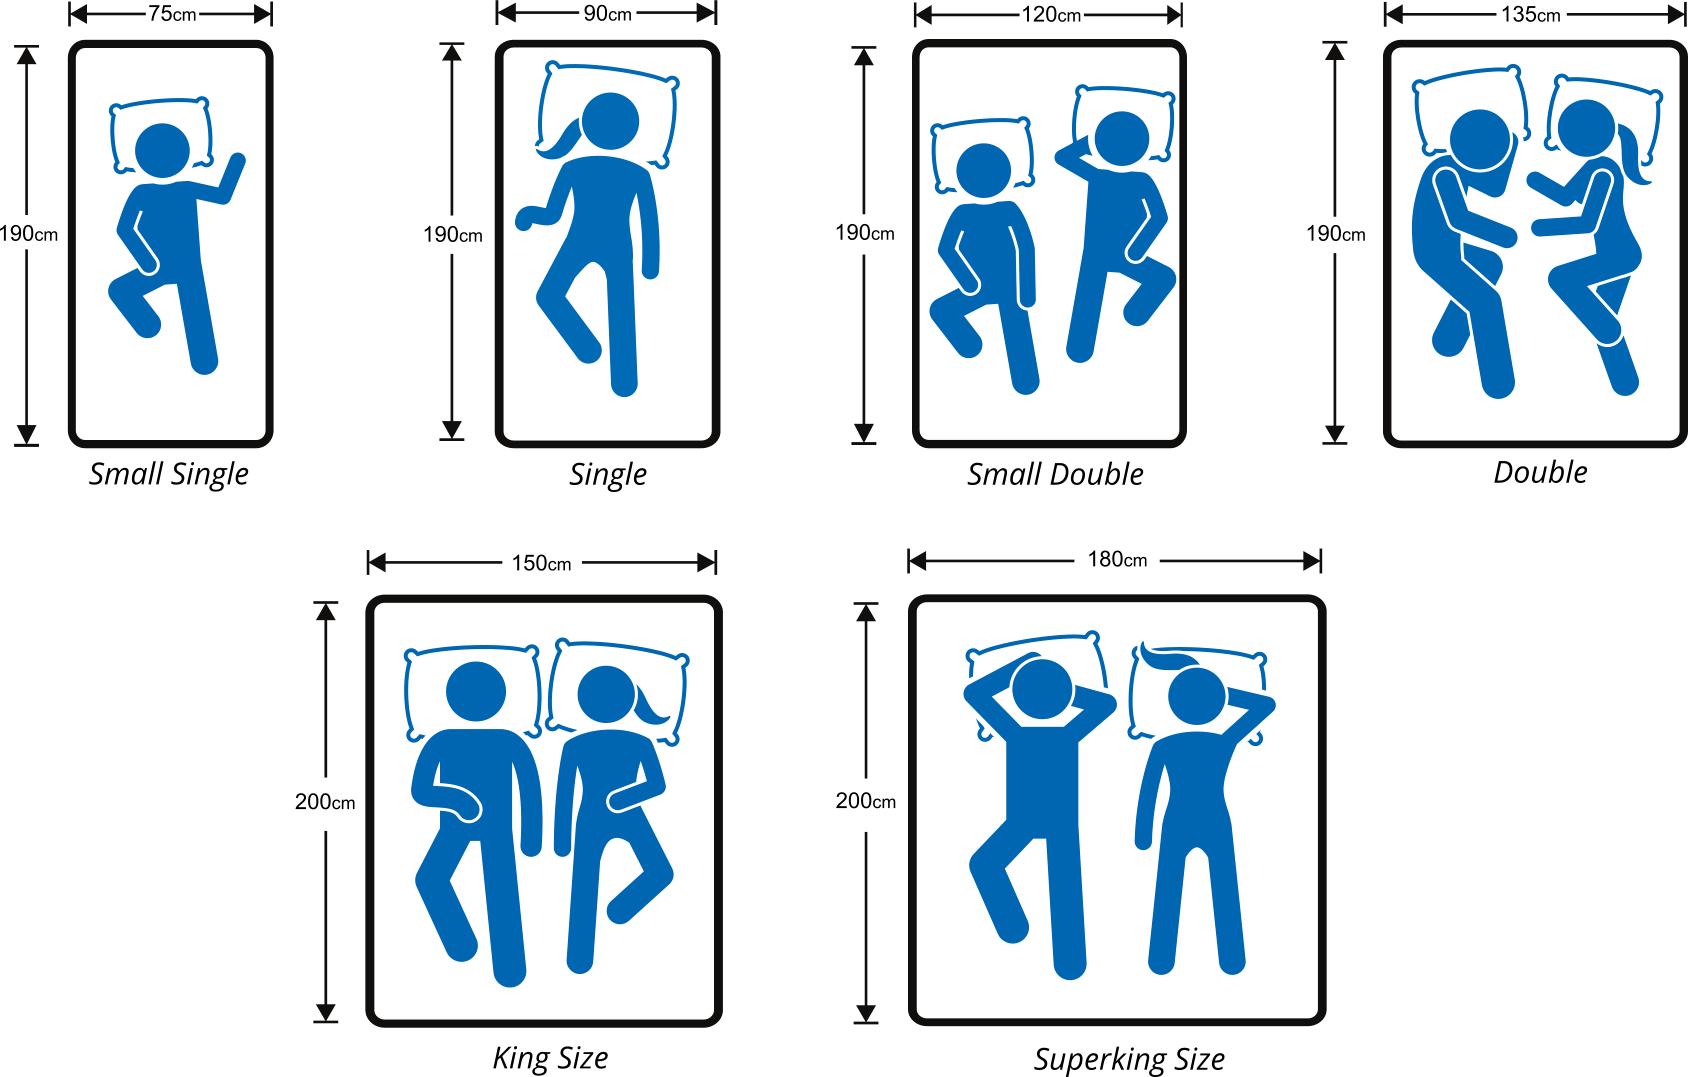 Différentes tailles de lit